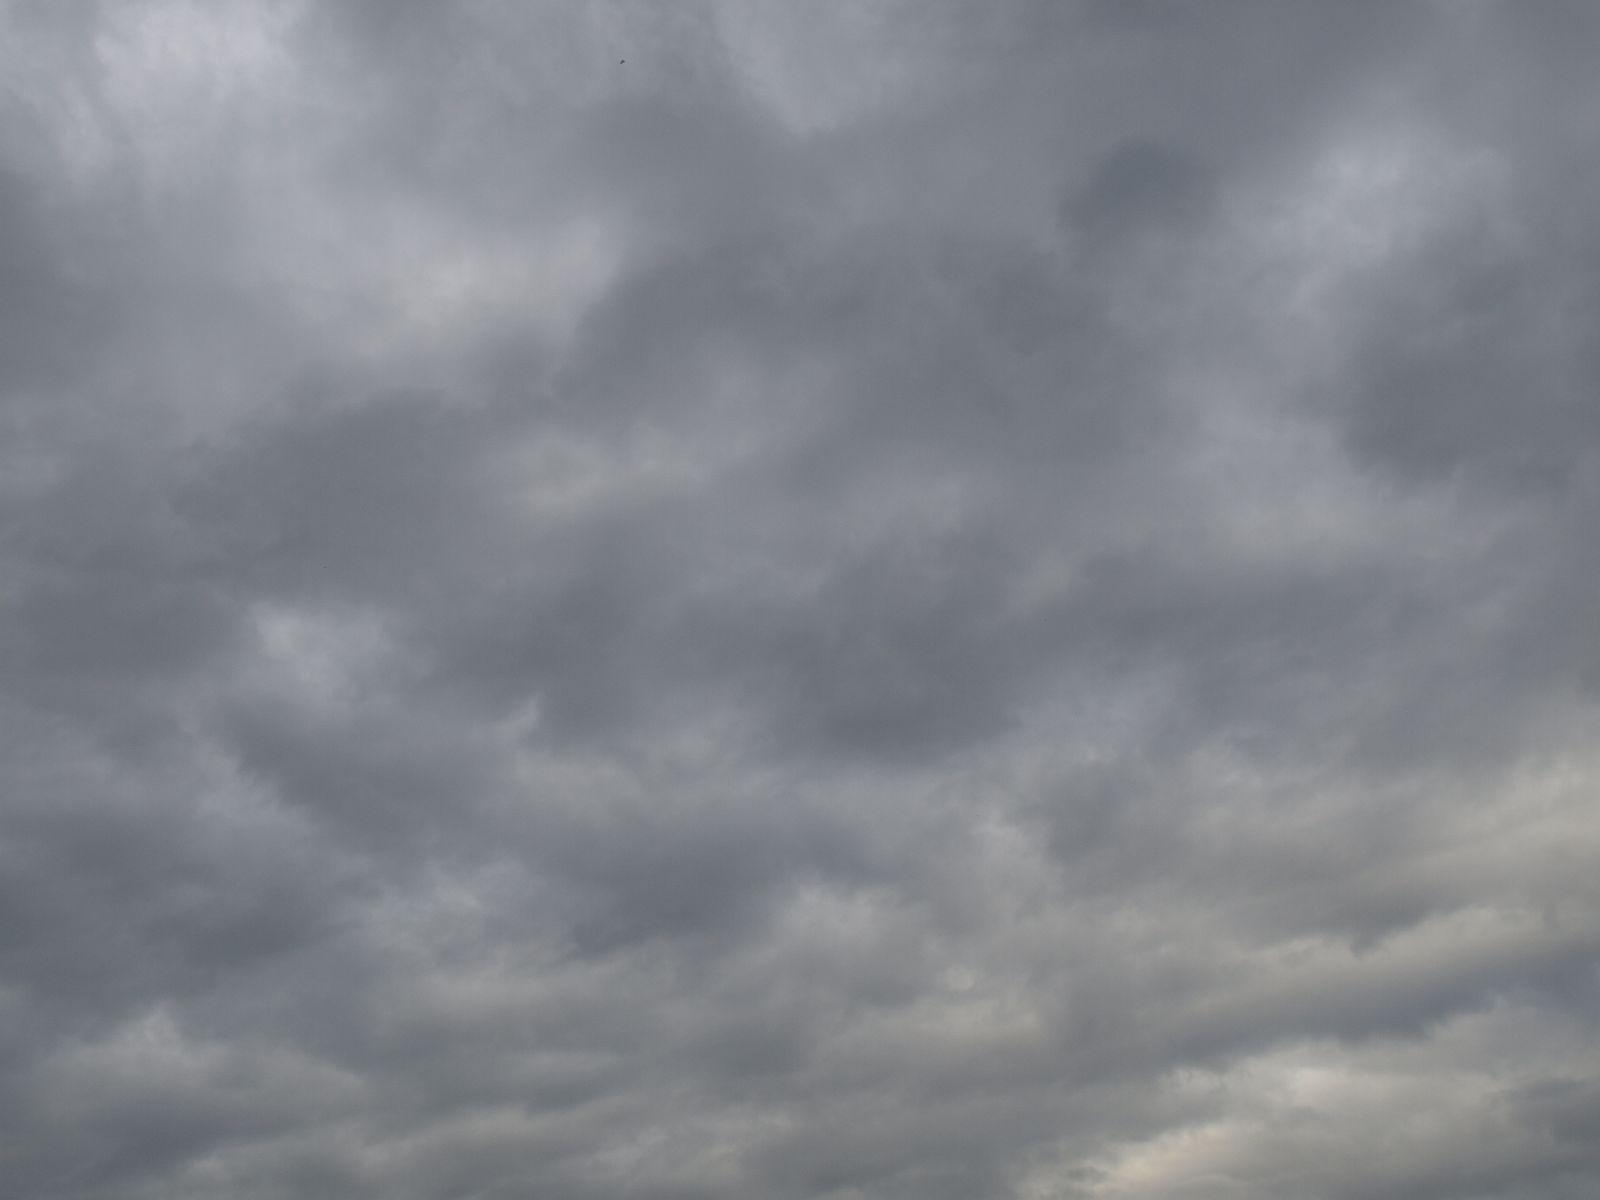 Himmel-Wolken-Foto_Textur_A_PB026408